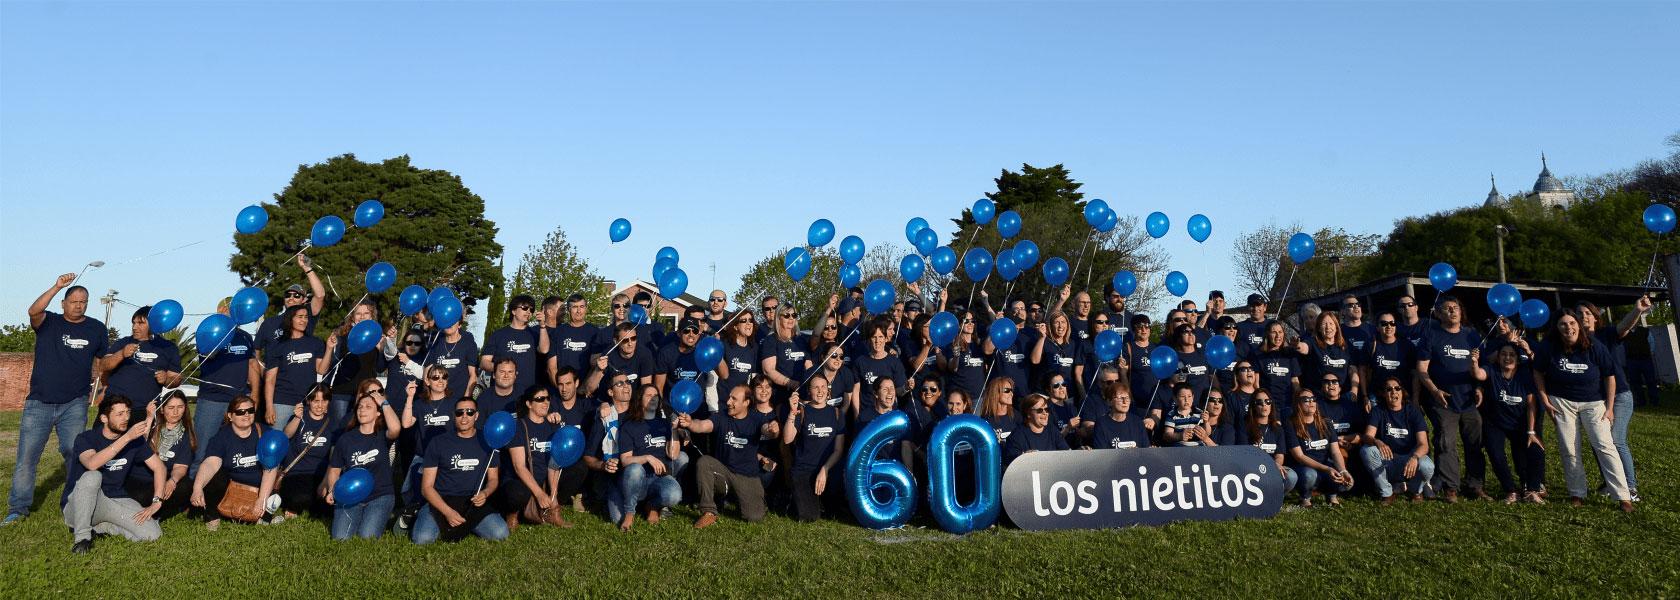 Con un Martin Fierro Gigante, Los Nietitos festejó sus 60 años